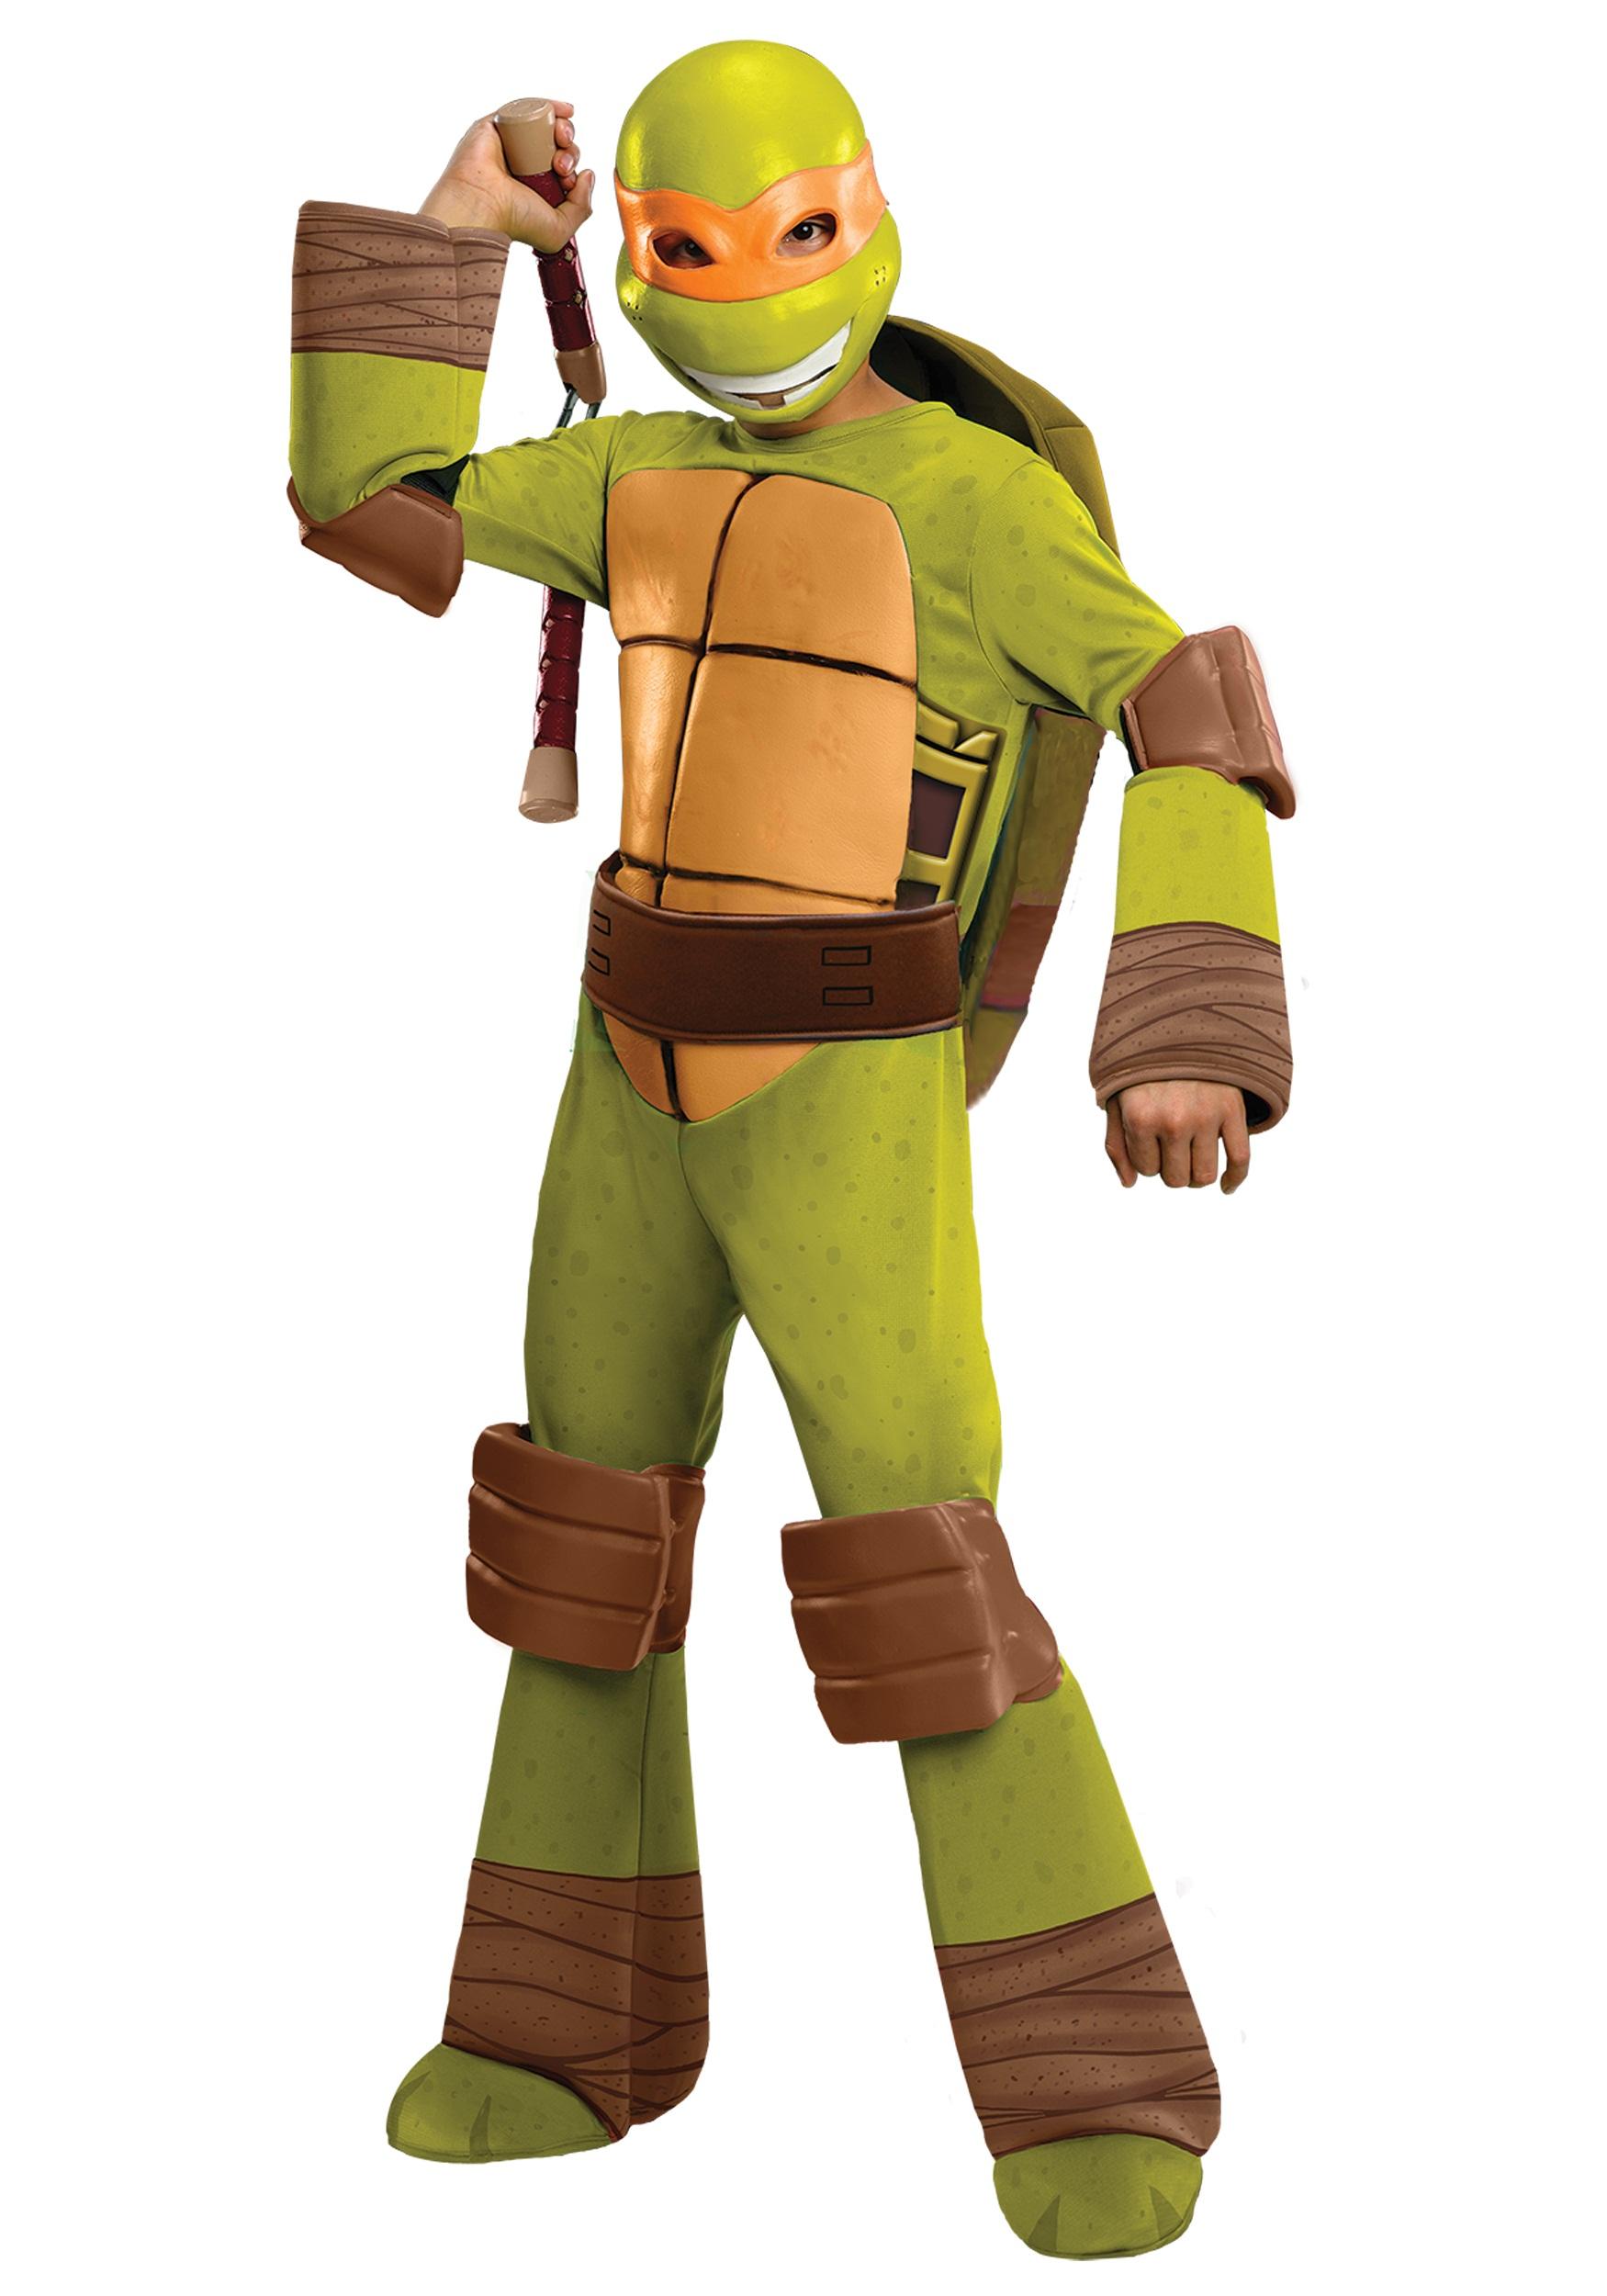 Ninja Turtle Nails: Deluxe Child Michelangelo Costume